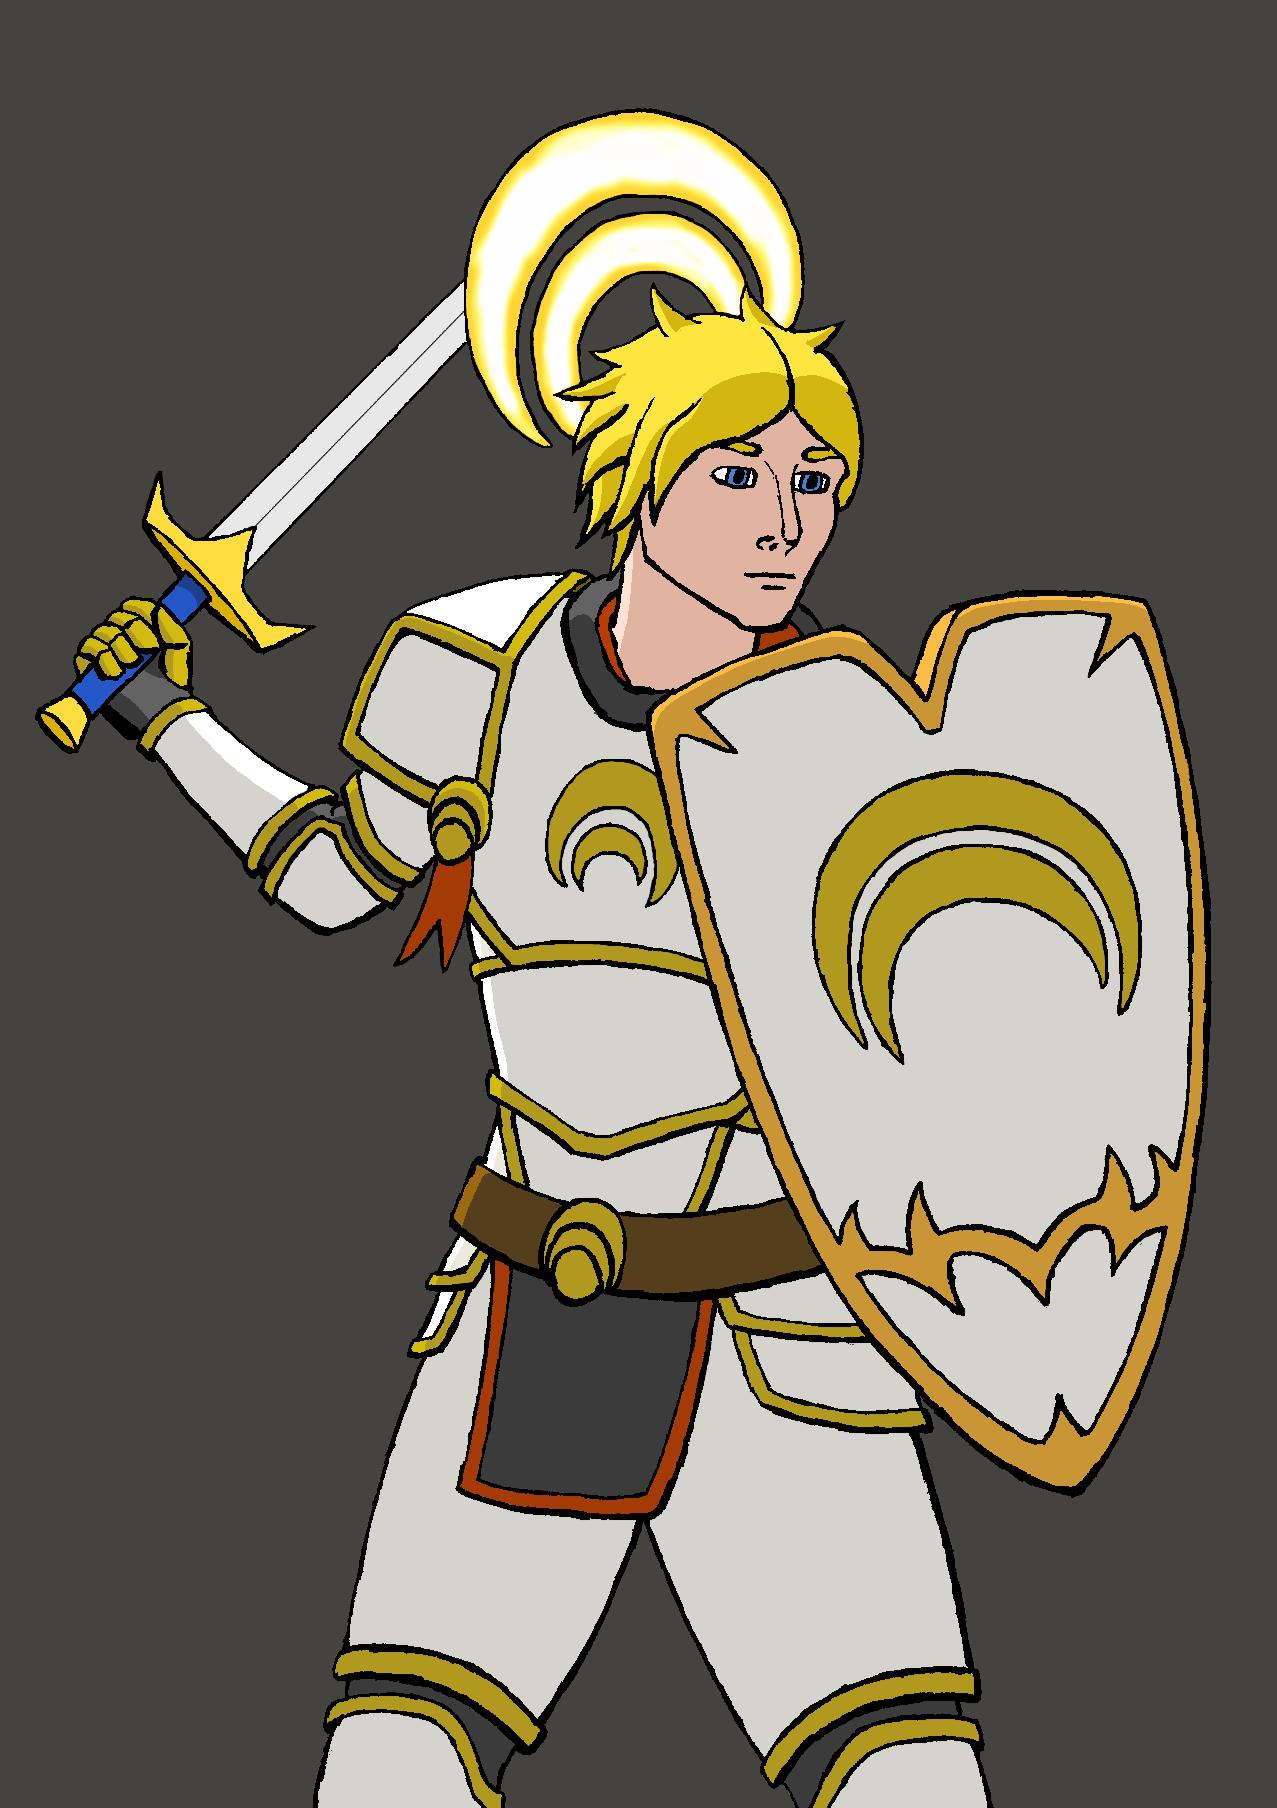 Jaune the white knight